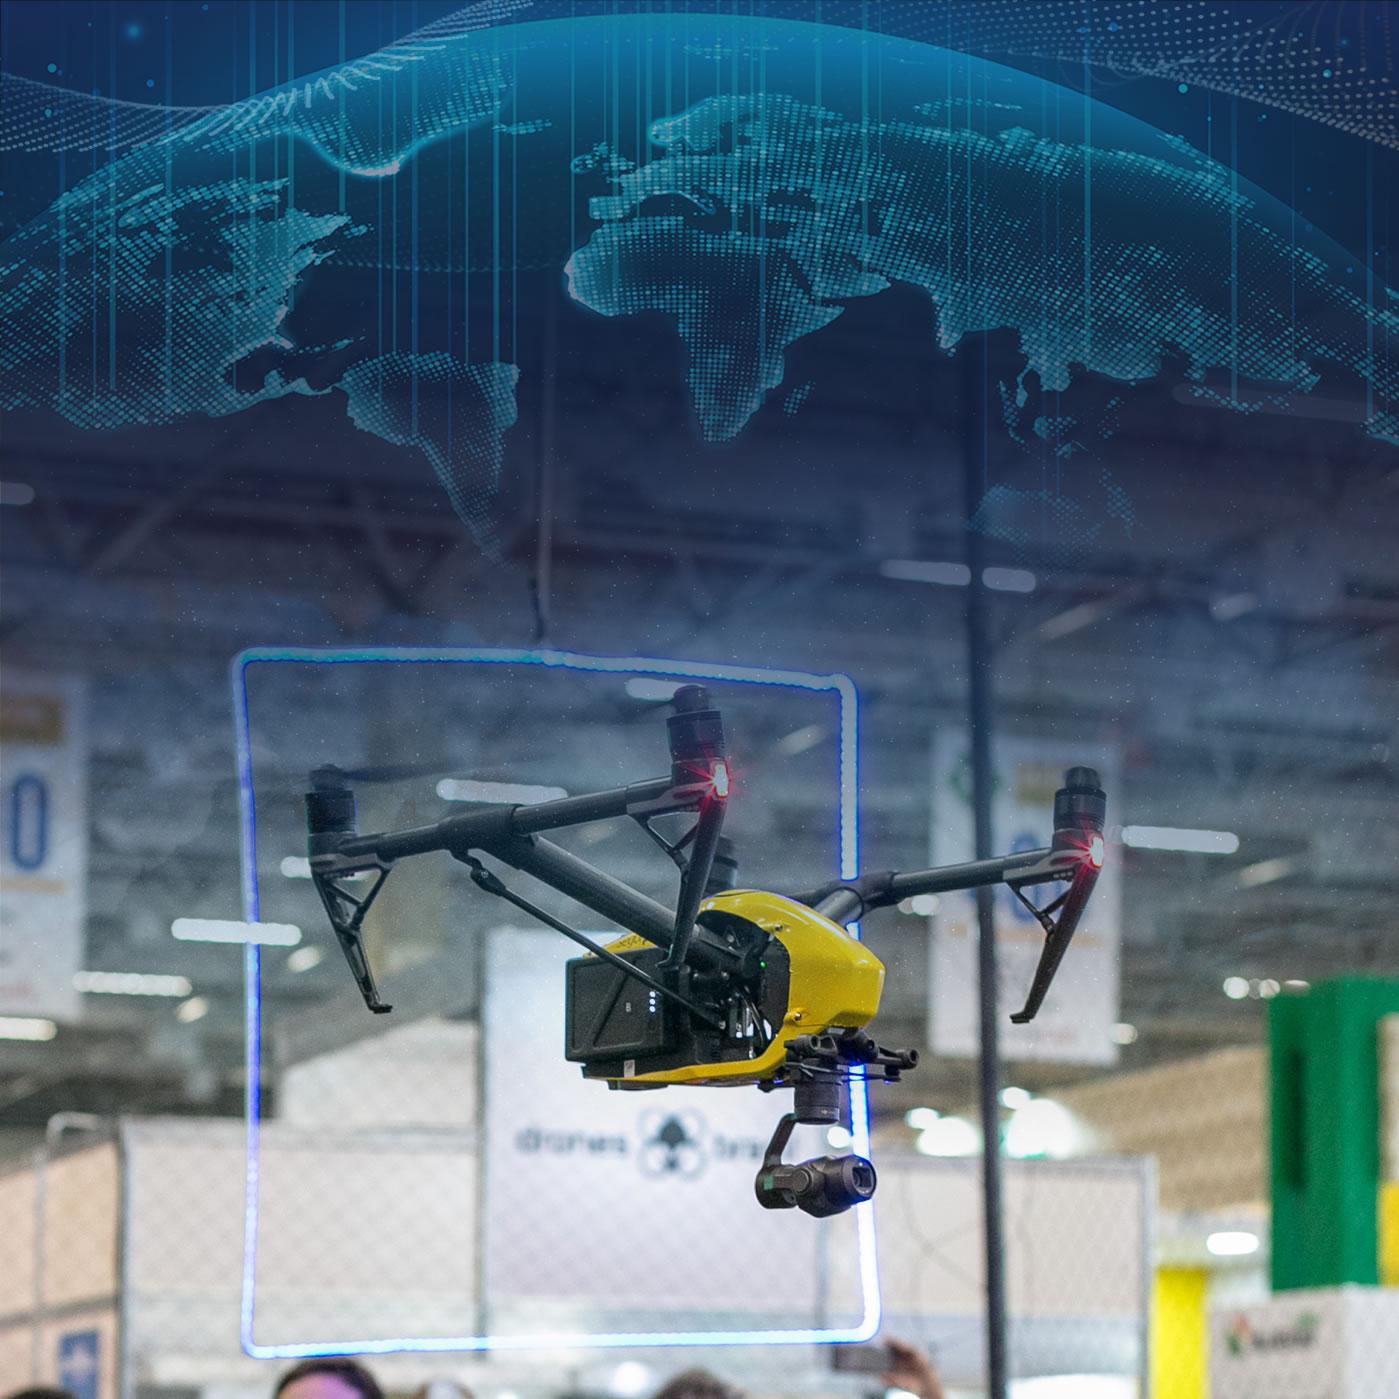 Por que Visitar a Exposec - Arena Drone